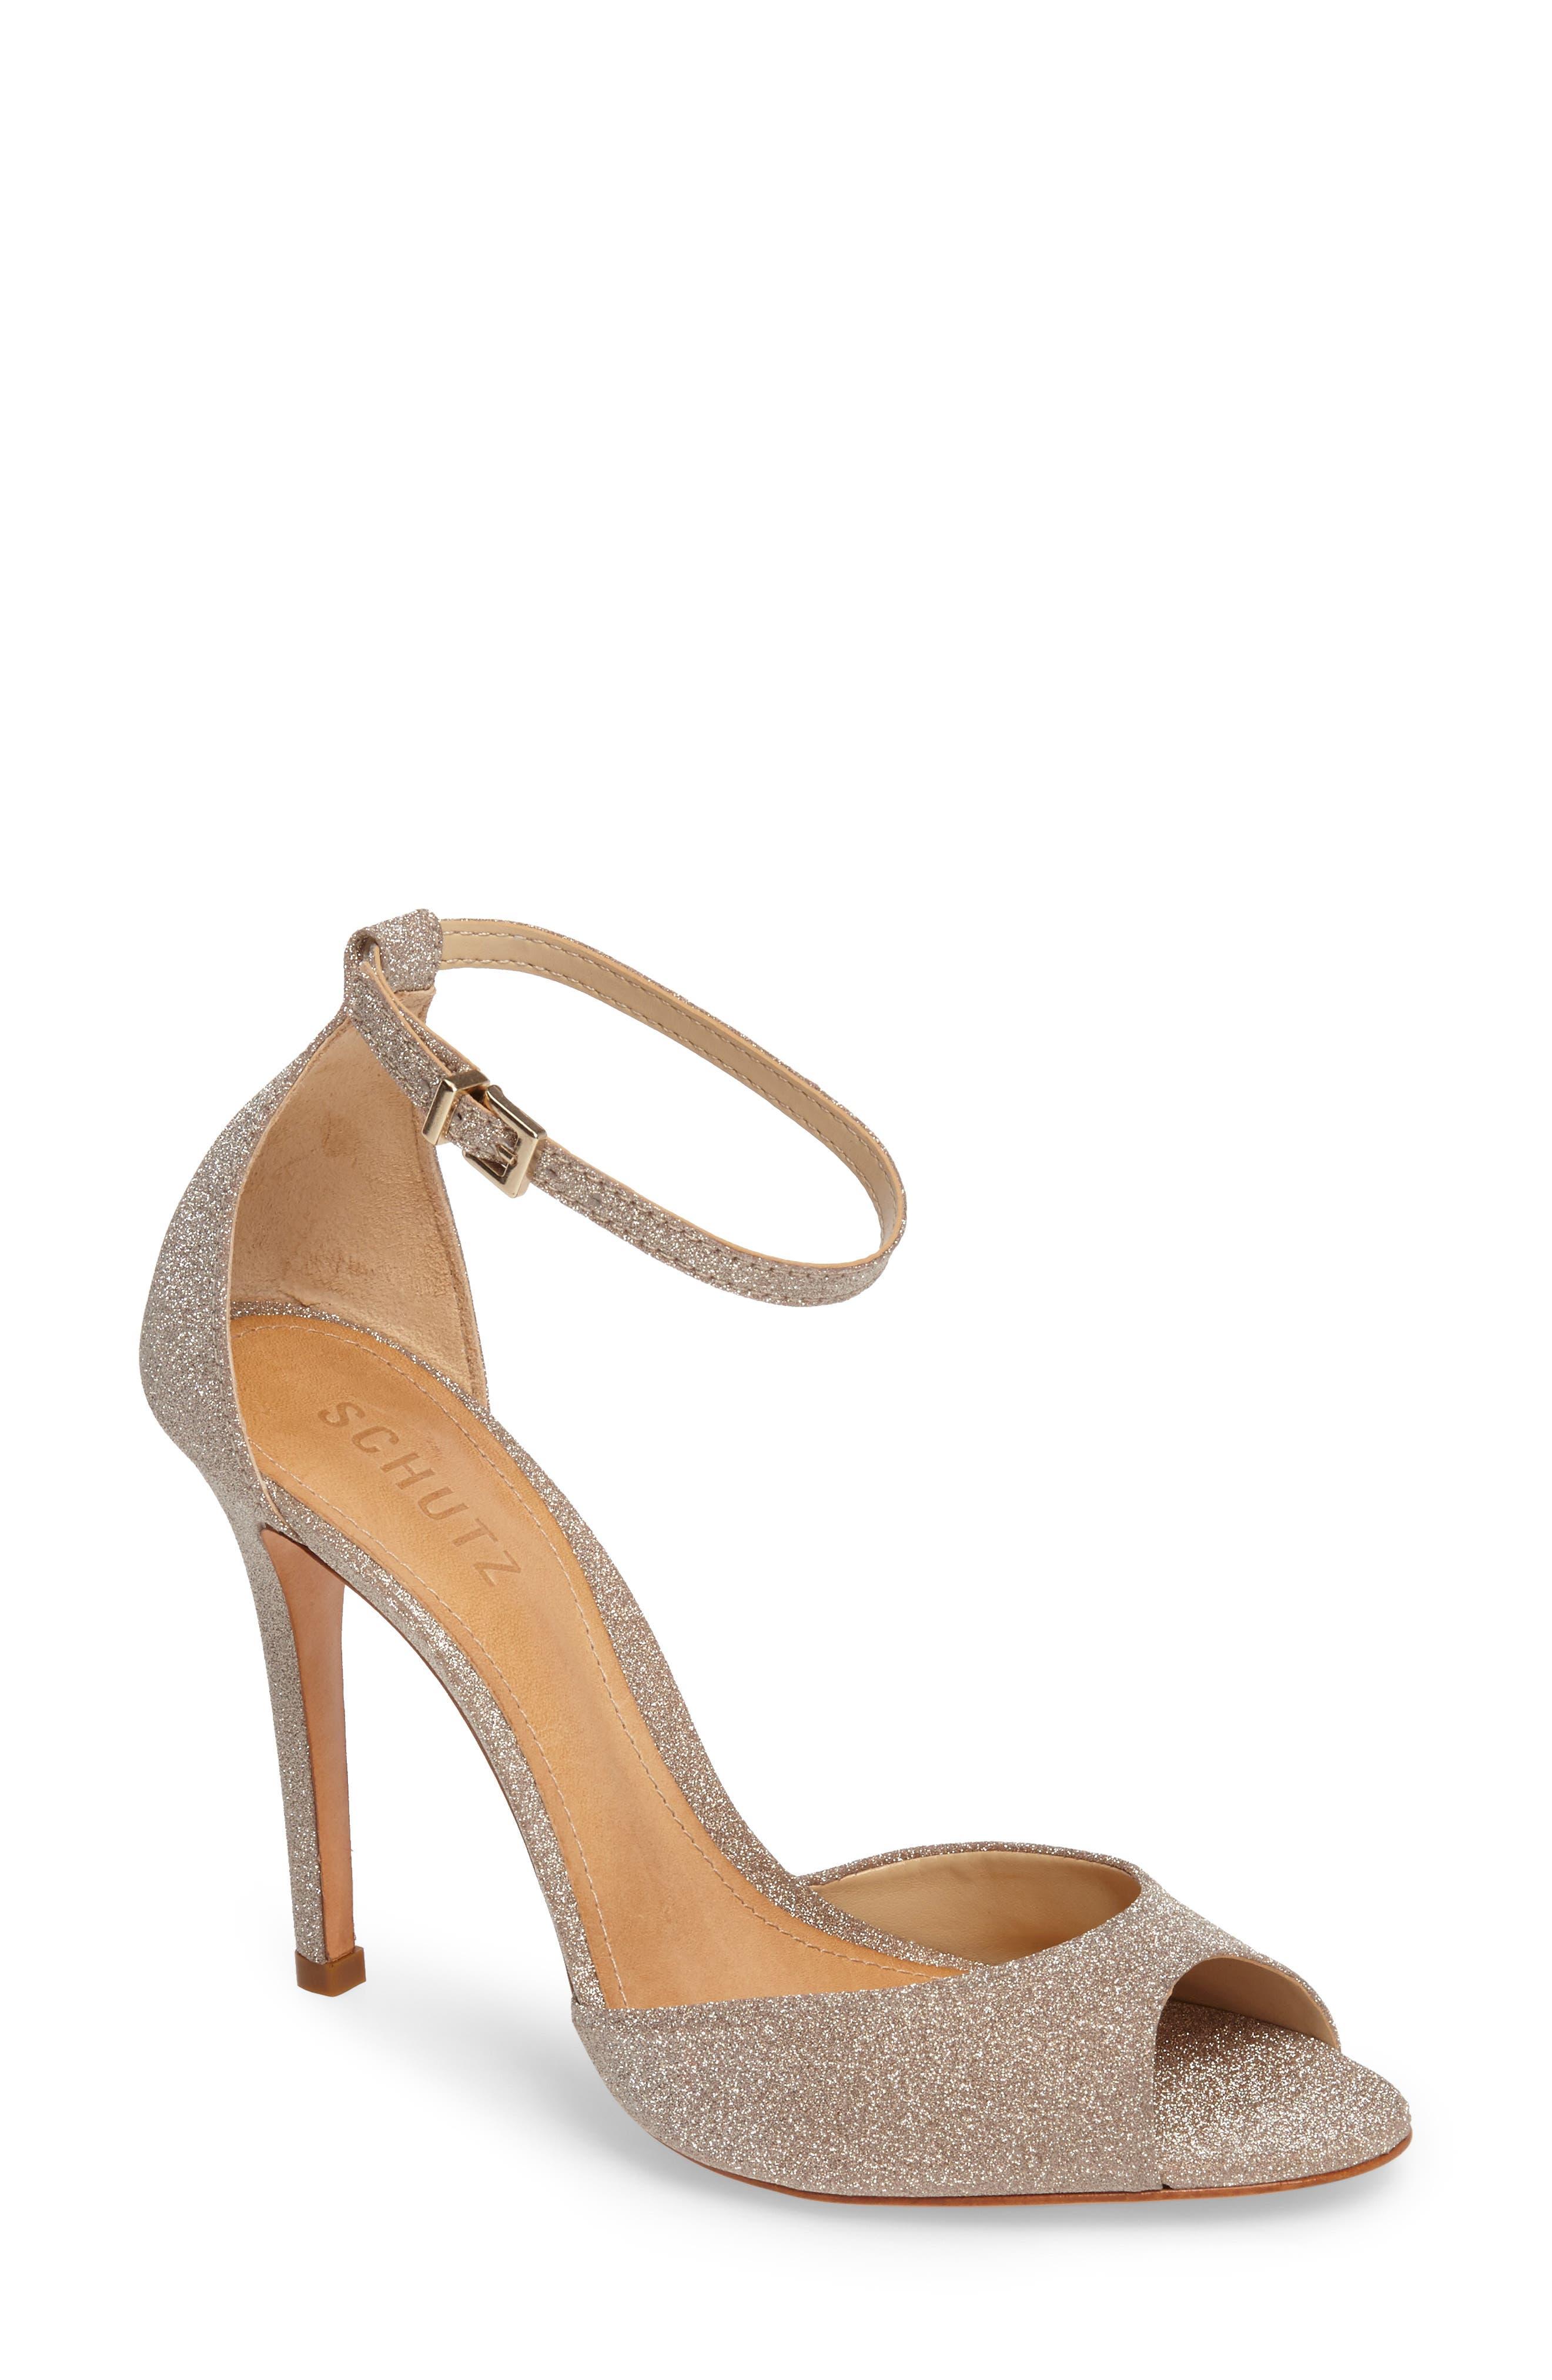 Saasha Lee Ankle Strap Sandal,                         Main,                         color, 040